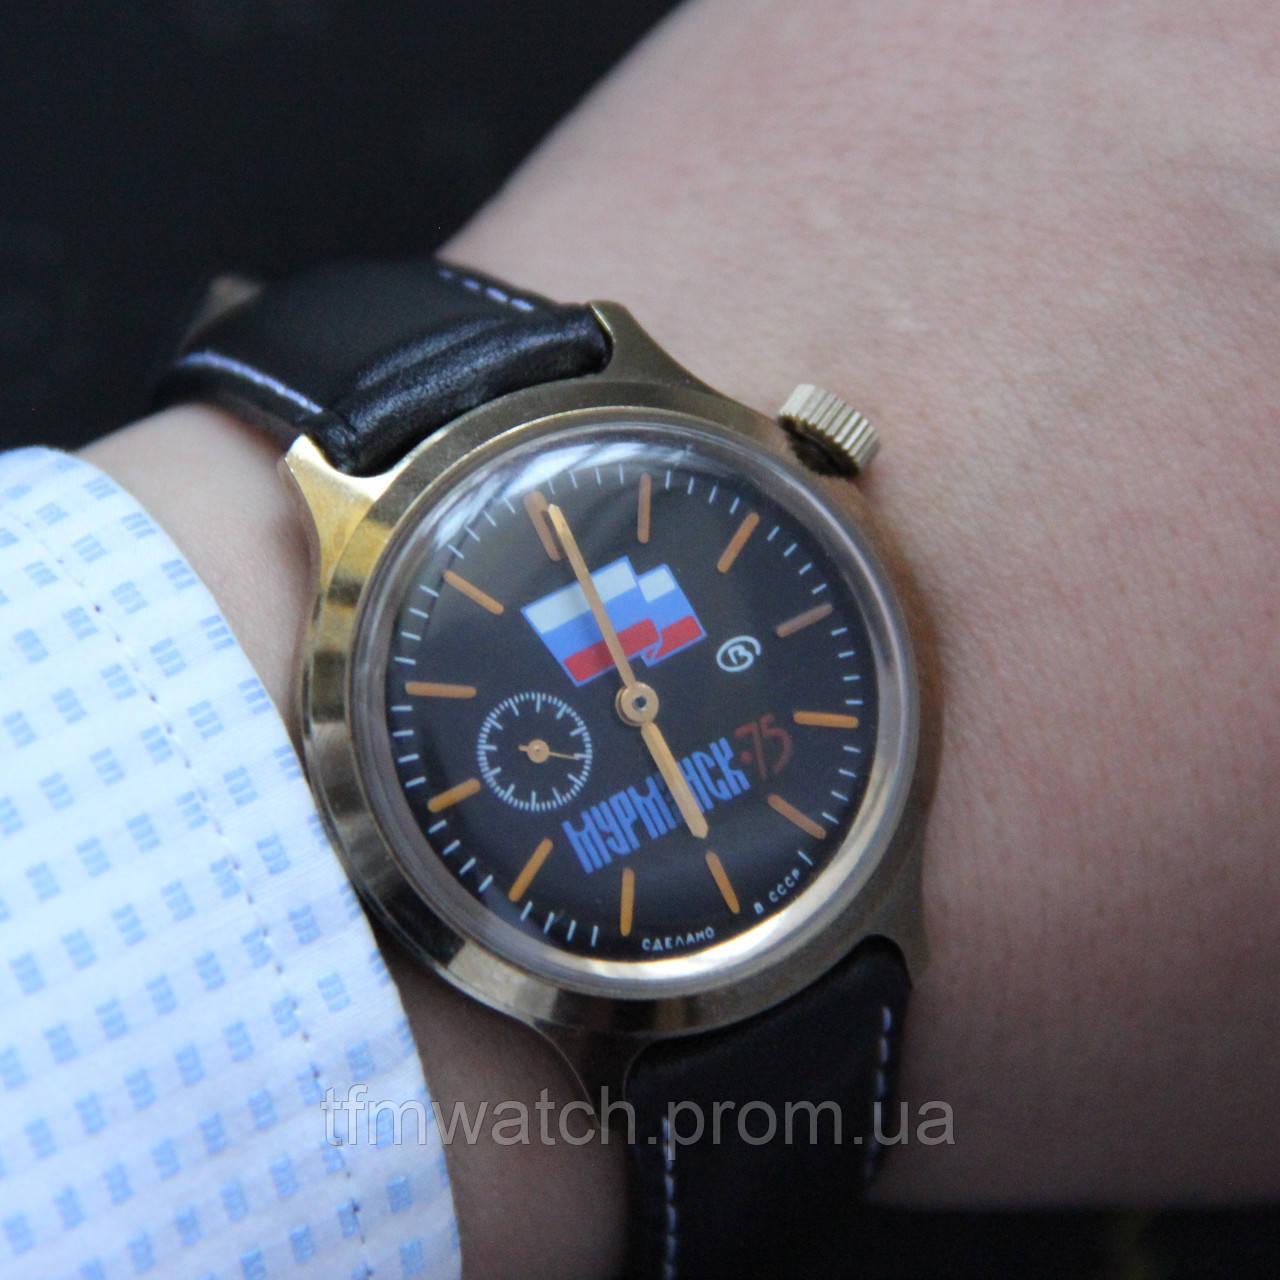 Купить наручные часы в мурманске наручные часы касио купить в самаре